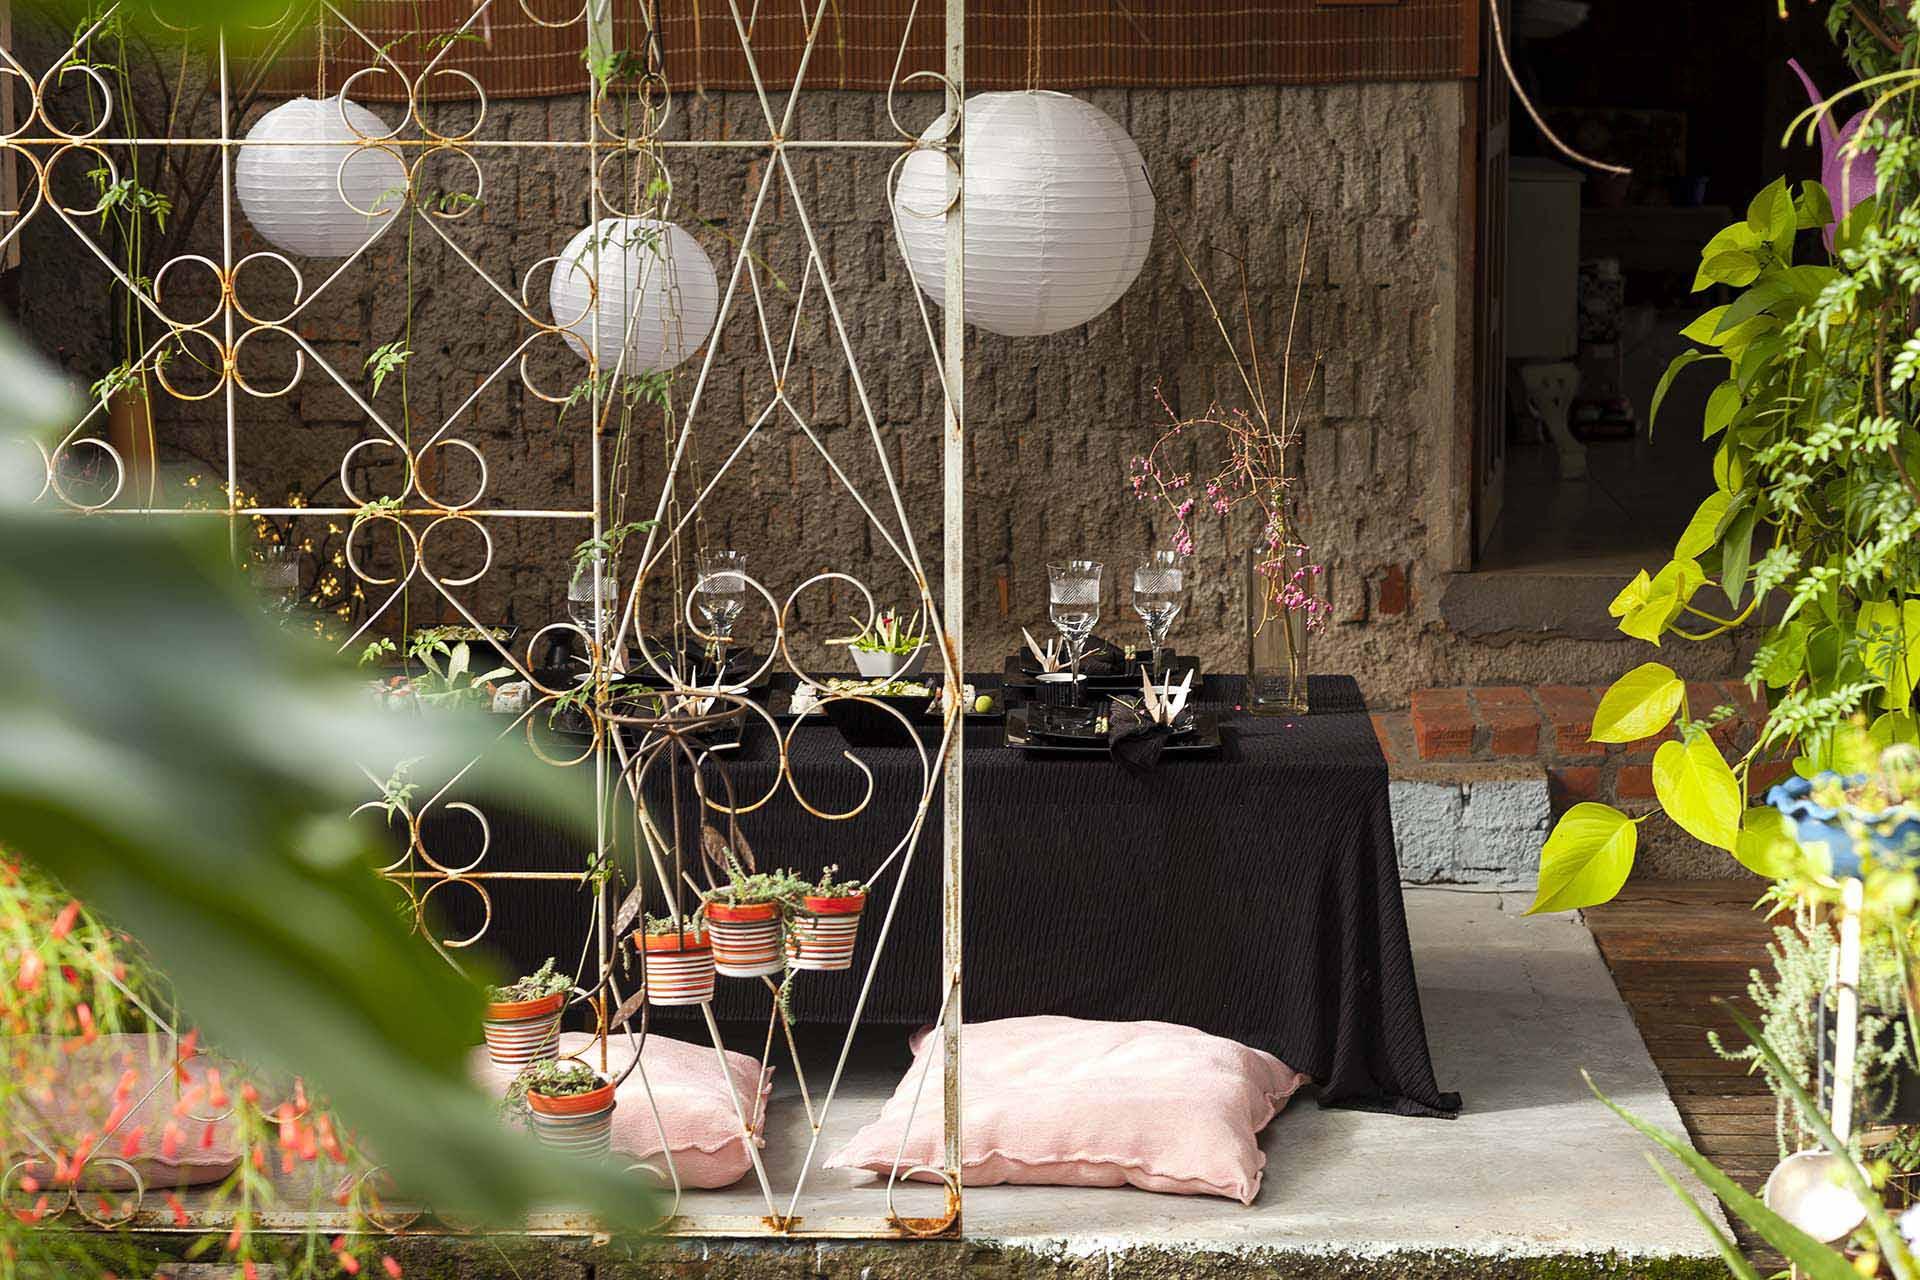 Imagem: Luminárias, almofadas e bastante verde criam um clima bem aconchegante e convidativo para passar longas horas entre amigos. Foto: Raphael Günther/Bespoke Content.